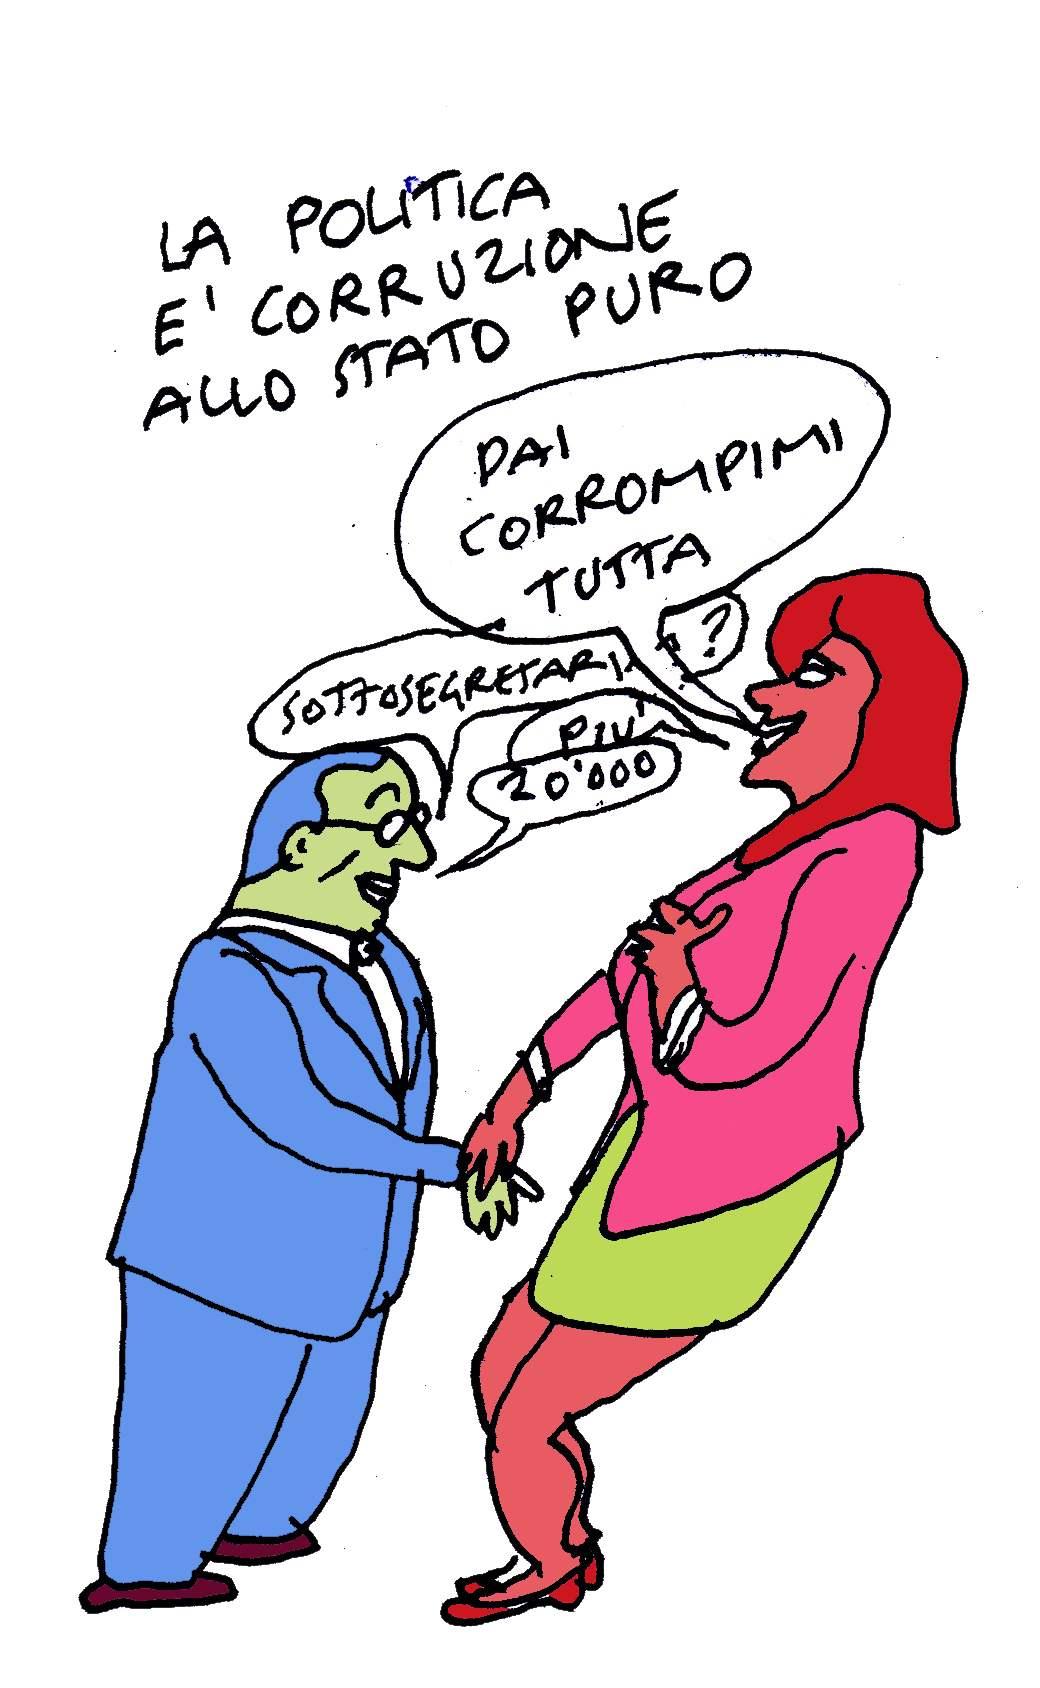 politica corruzione stato puroKA